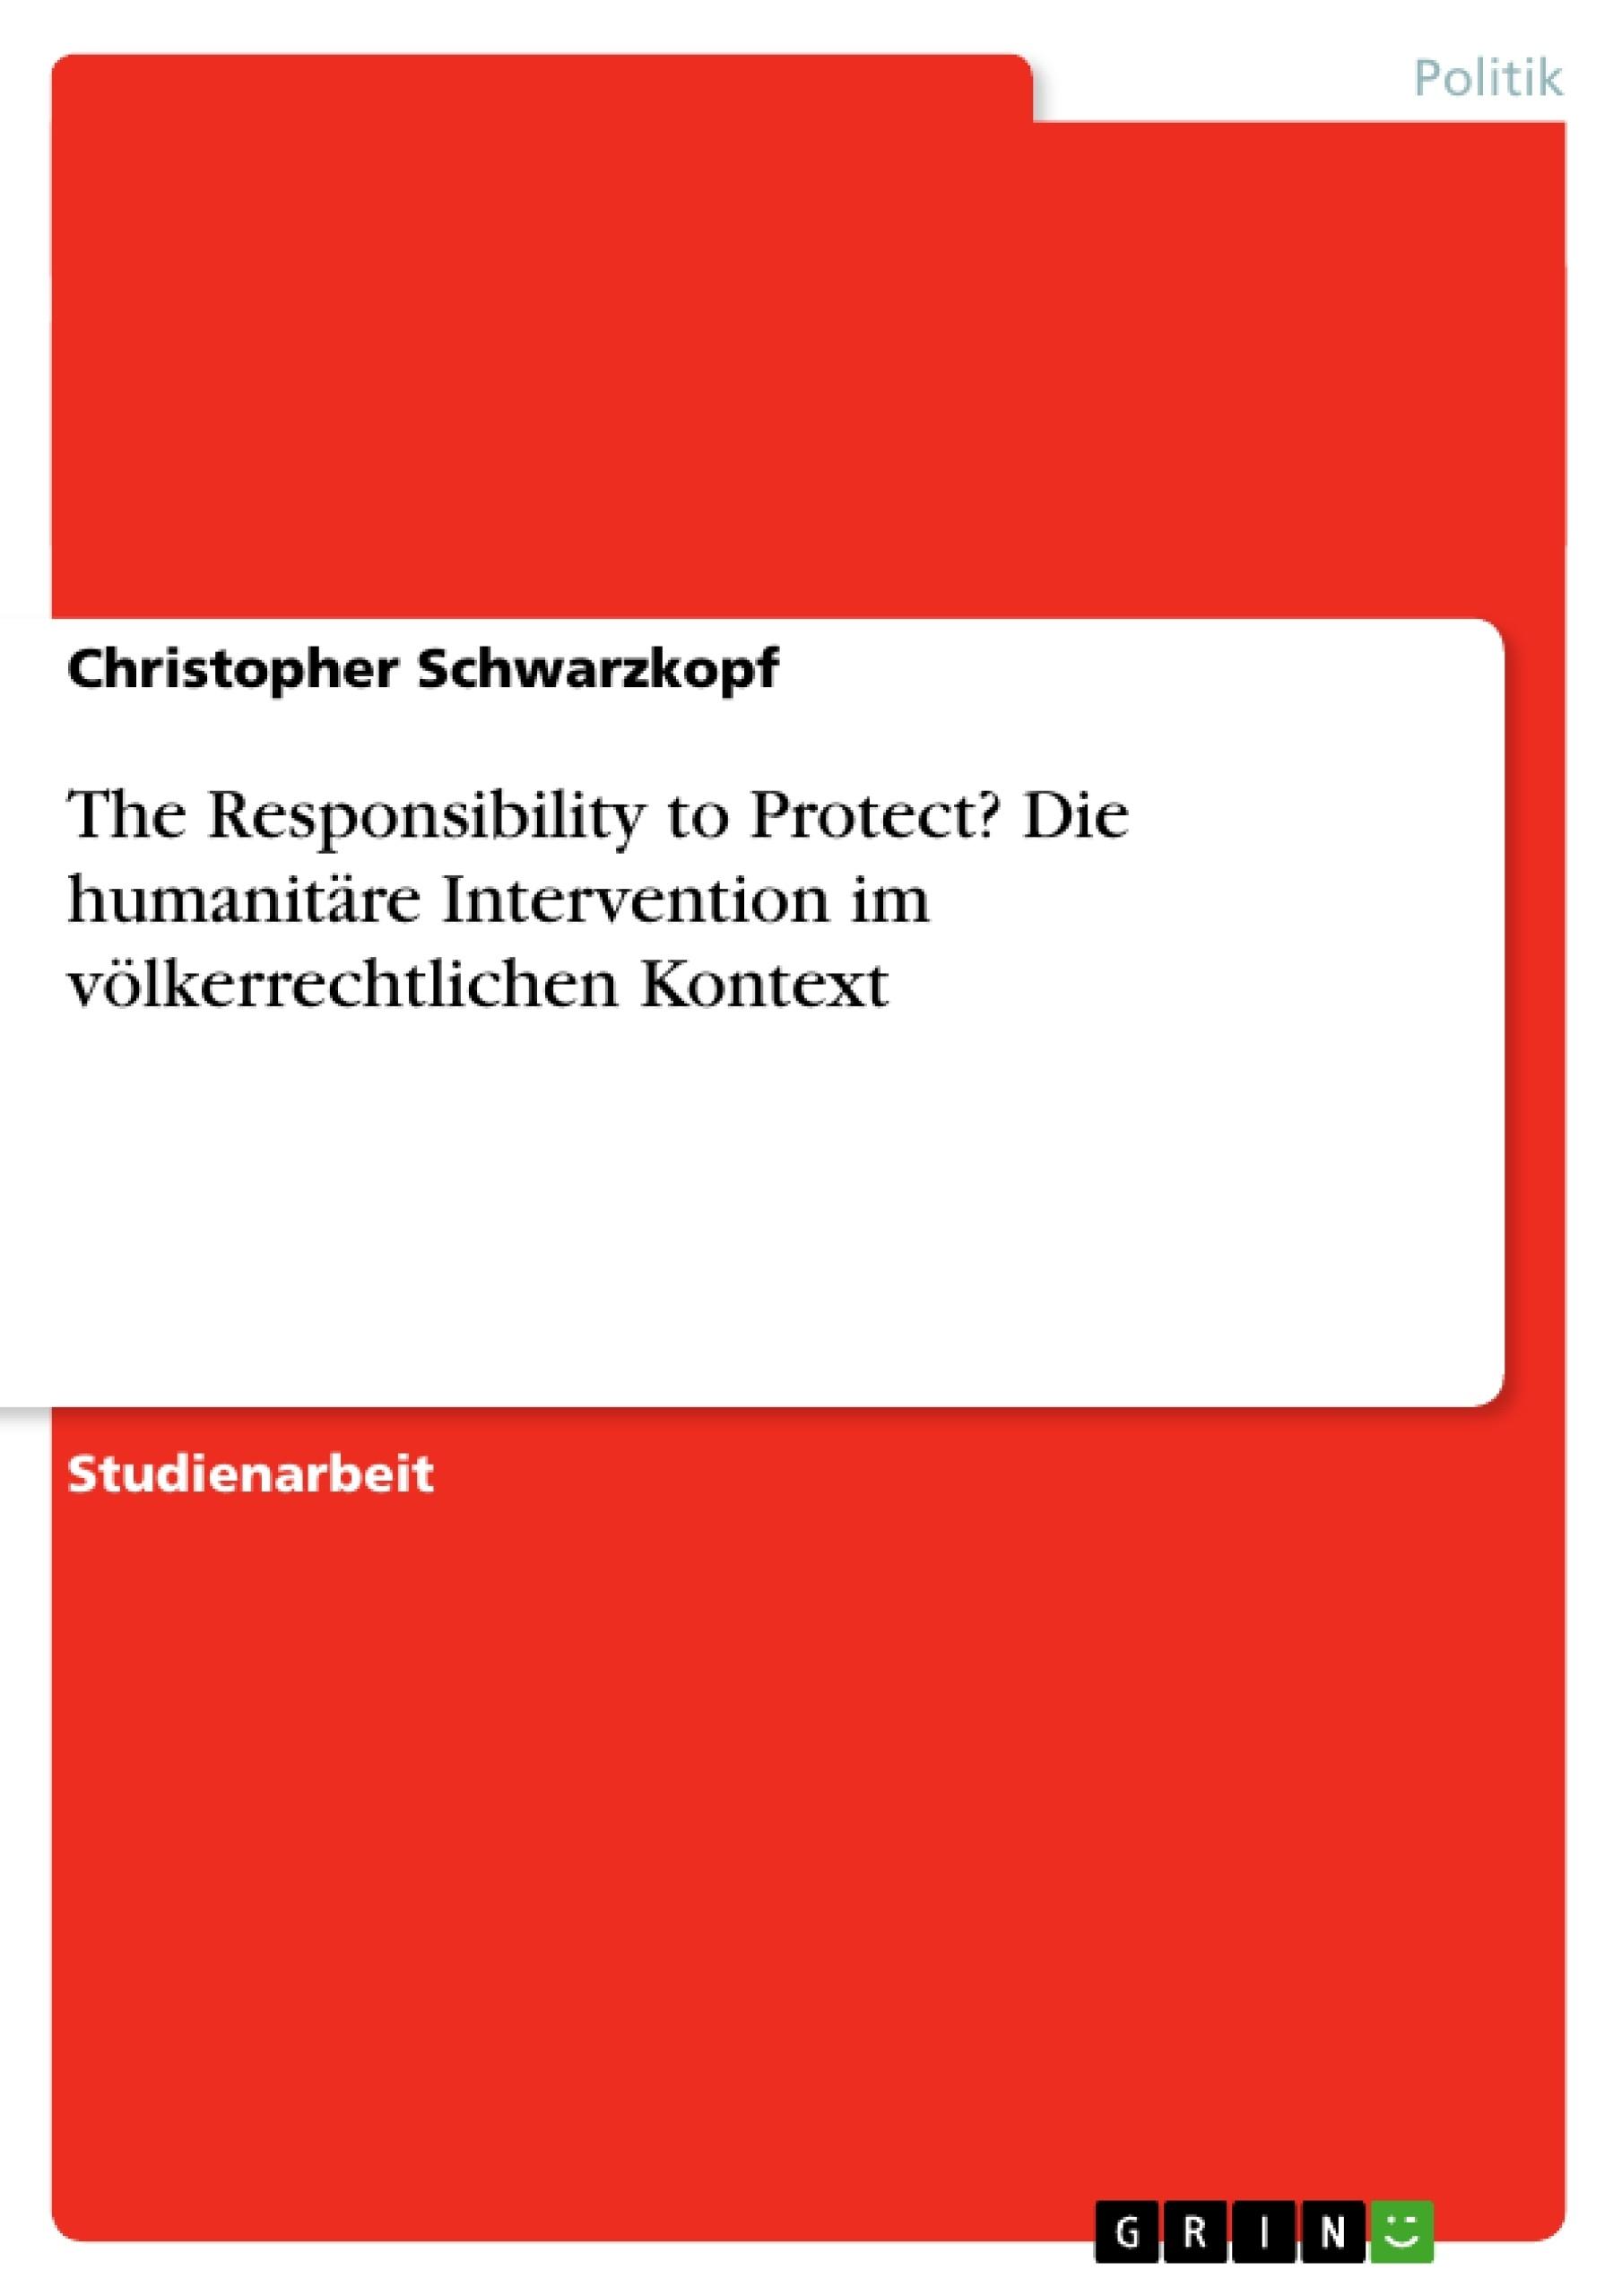 Titel: The Responsibility to Protect? Die humanitäre Intervention im völkerrechtlichen Kontext